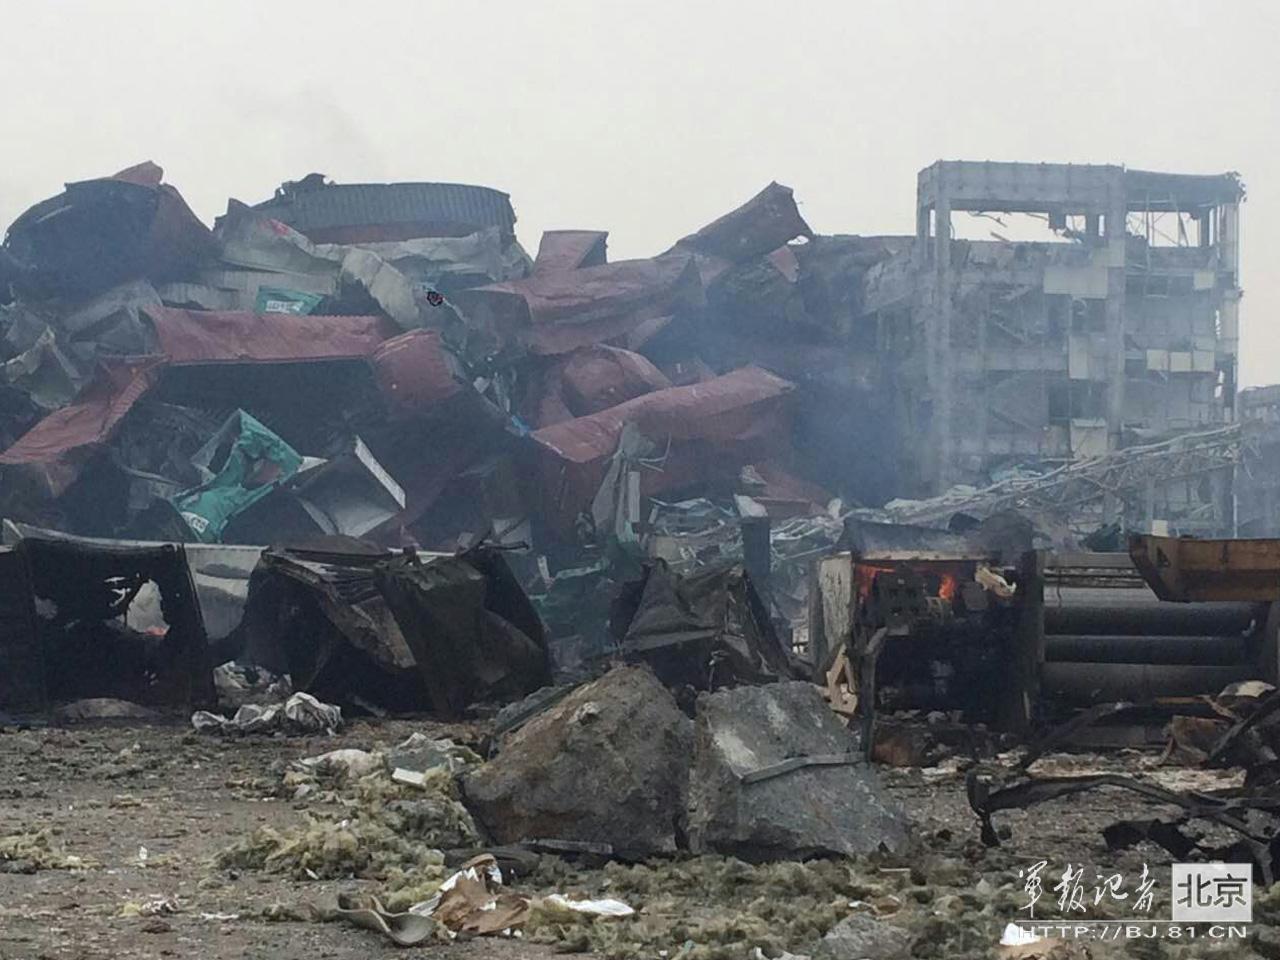 官兵進入天津爆炸核心區域現場仍有明火(圖)